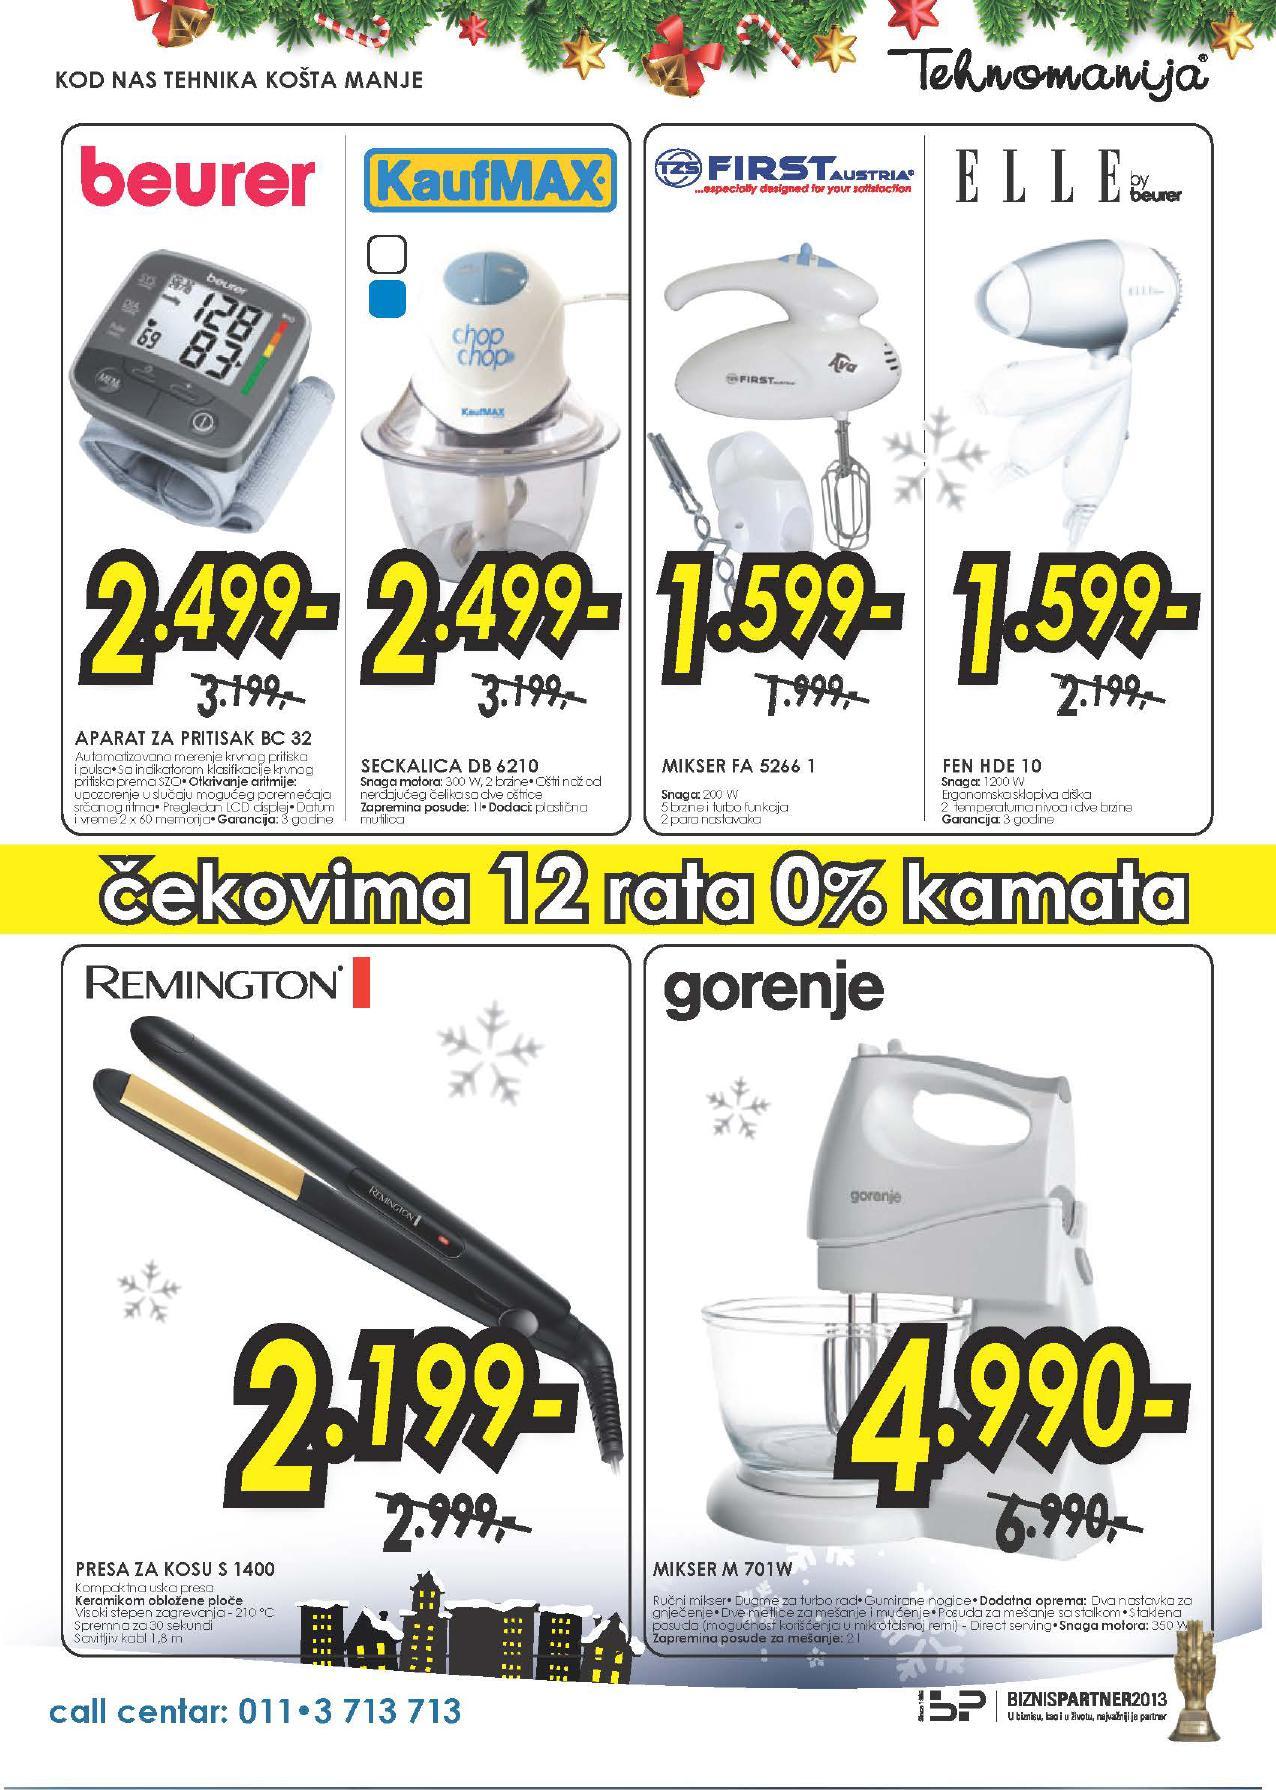 Tehnomanija katalog vikend odličnih popusta